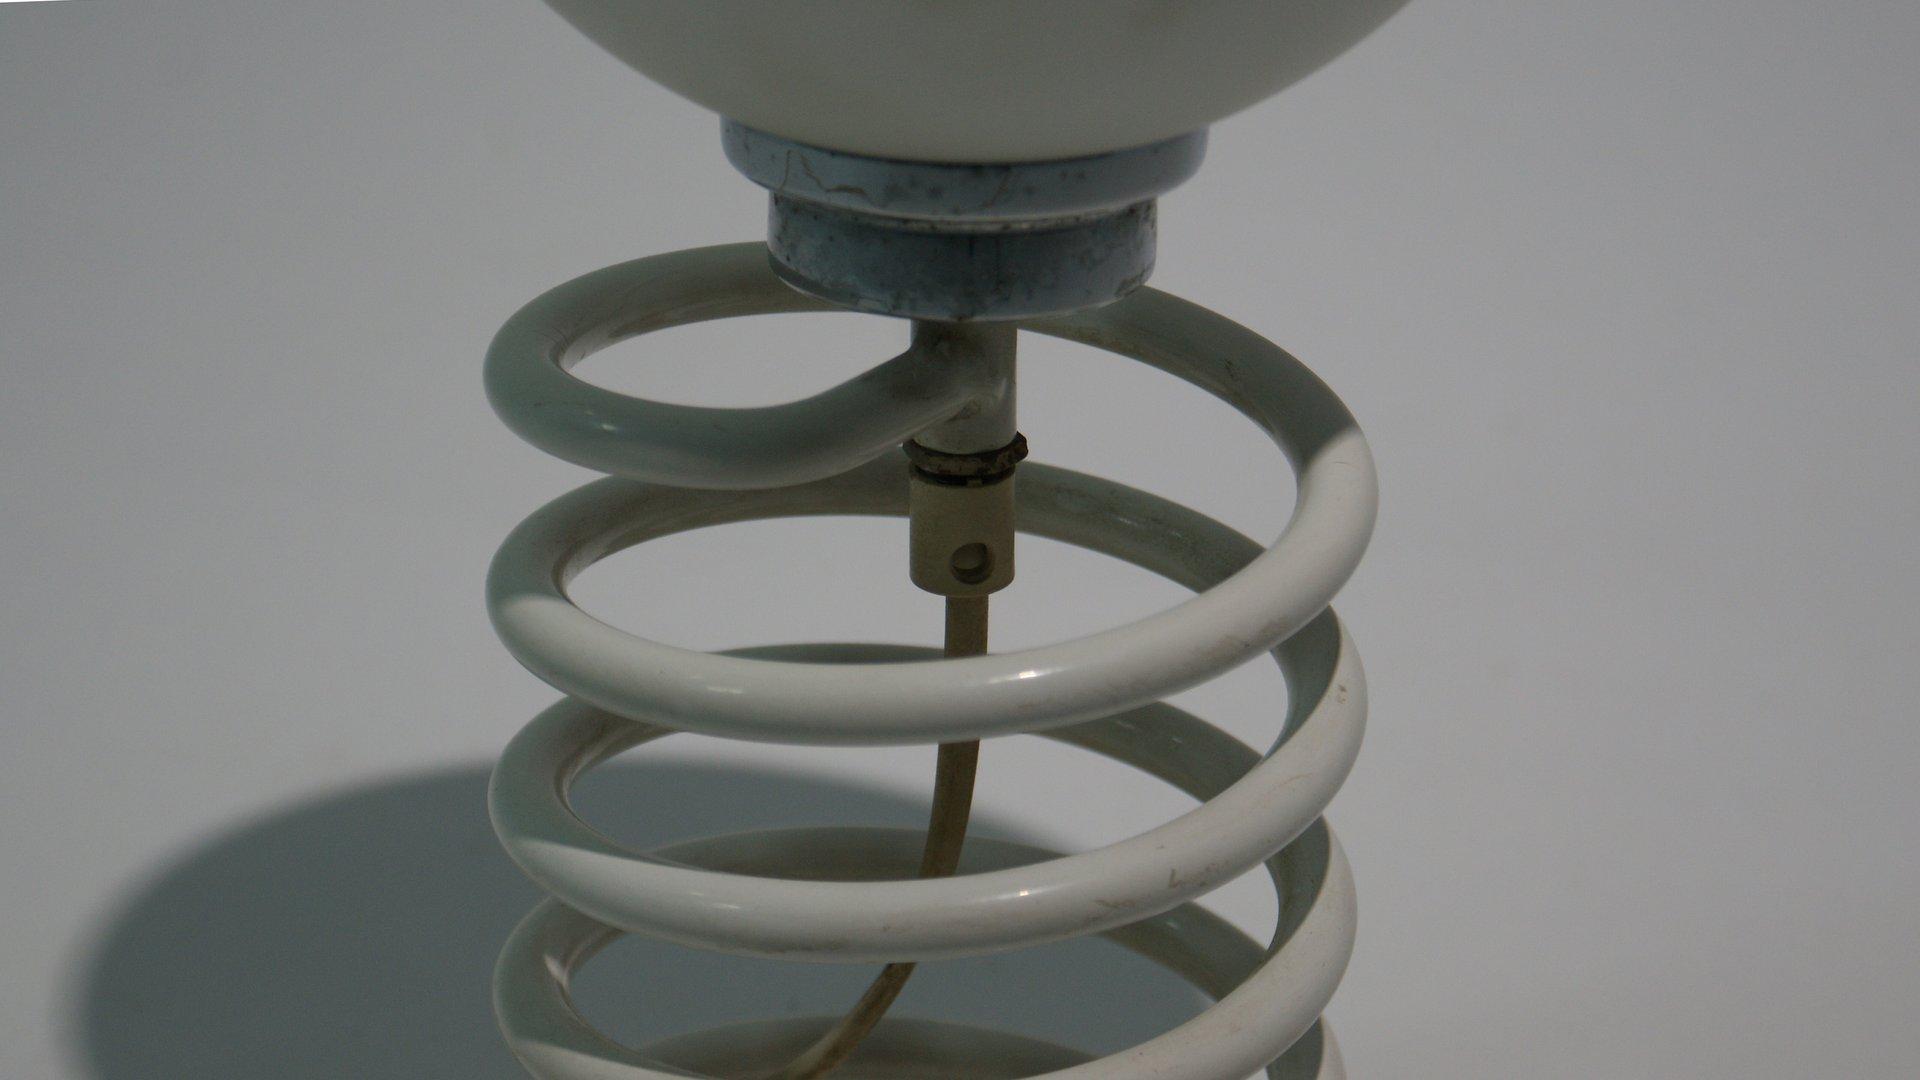 lampe de bureau spirale vintage par ingo maurer pour design m en vente sur pamono. Black Bedroom Furniture Sets. Home Design Ideas